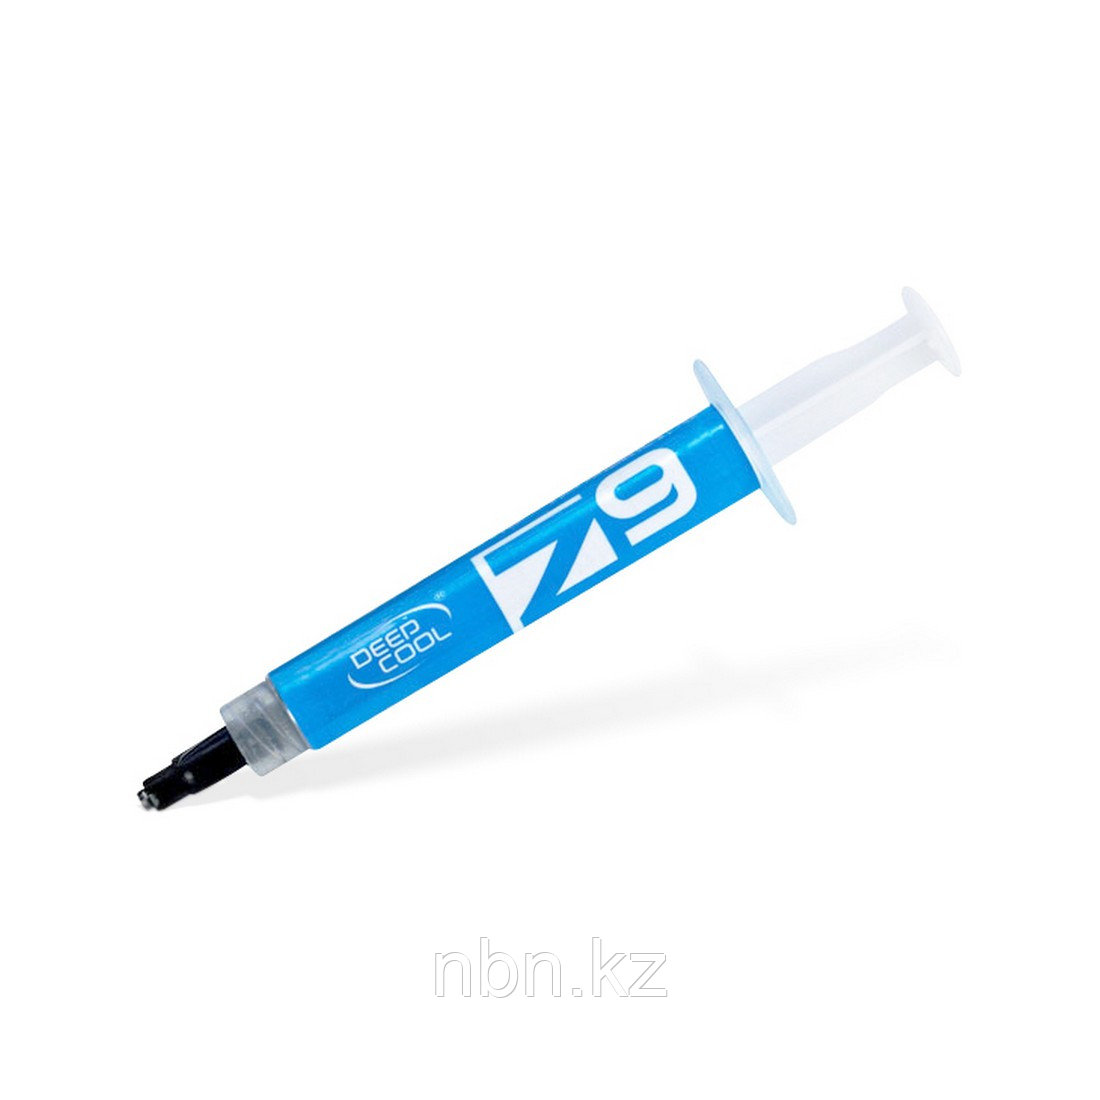 Термопаста Deepcool Z9, в шприце, 3 грамм